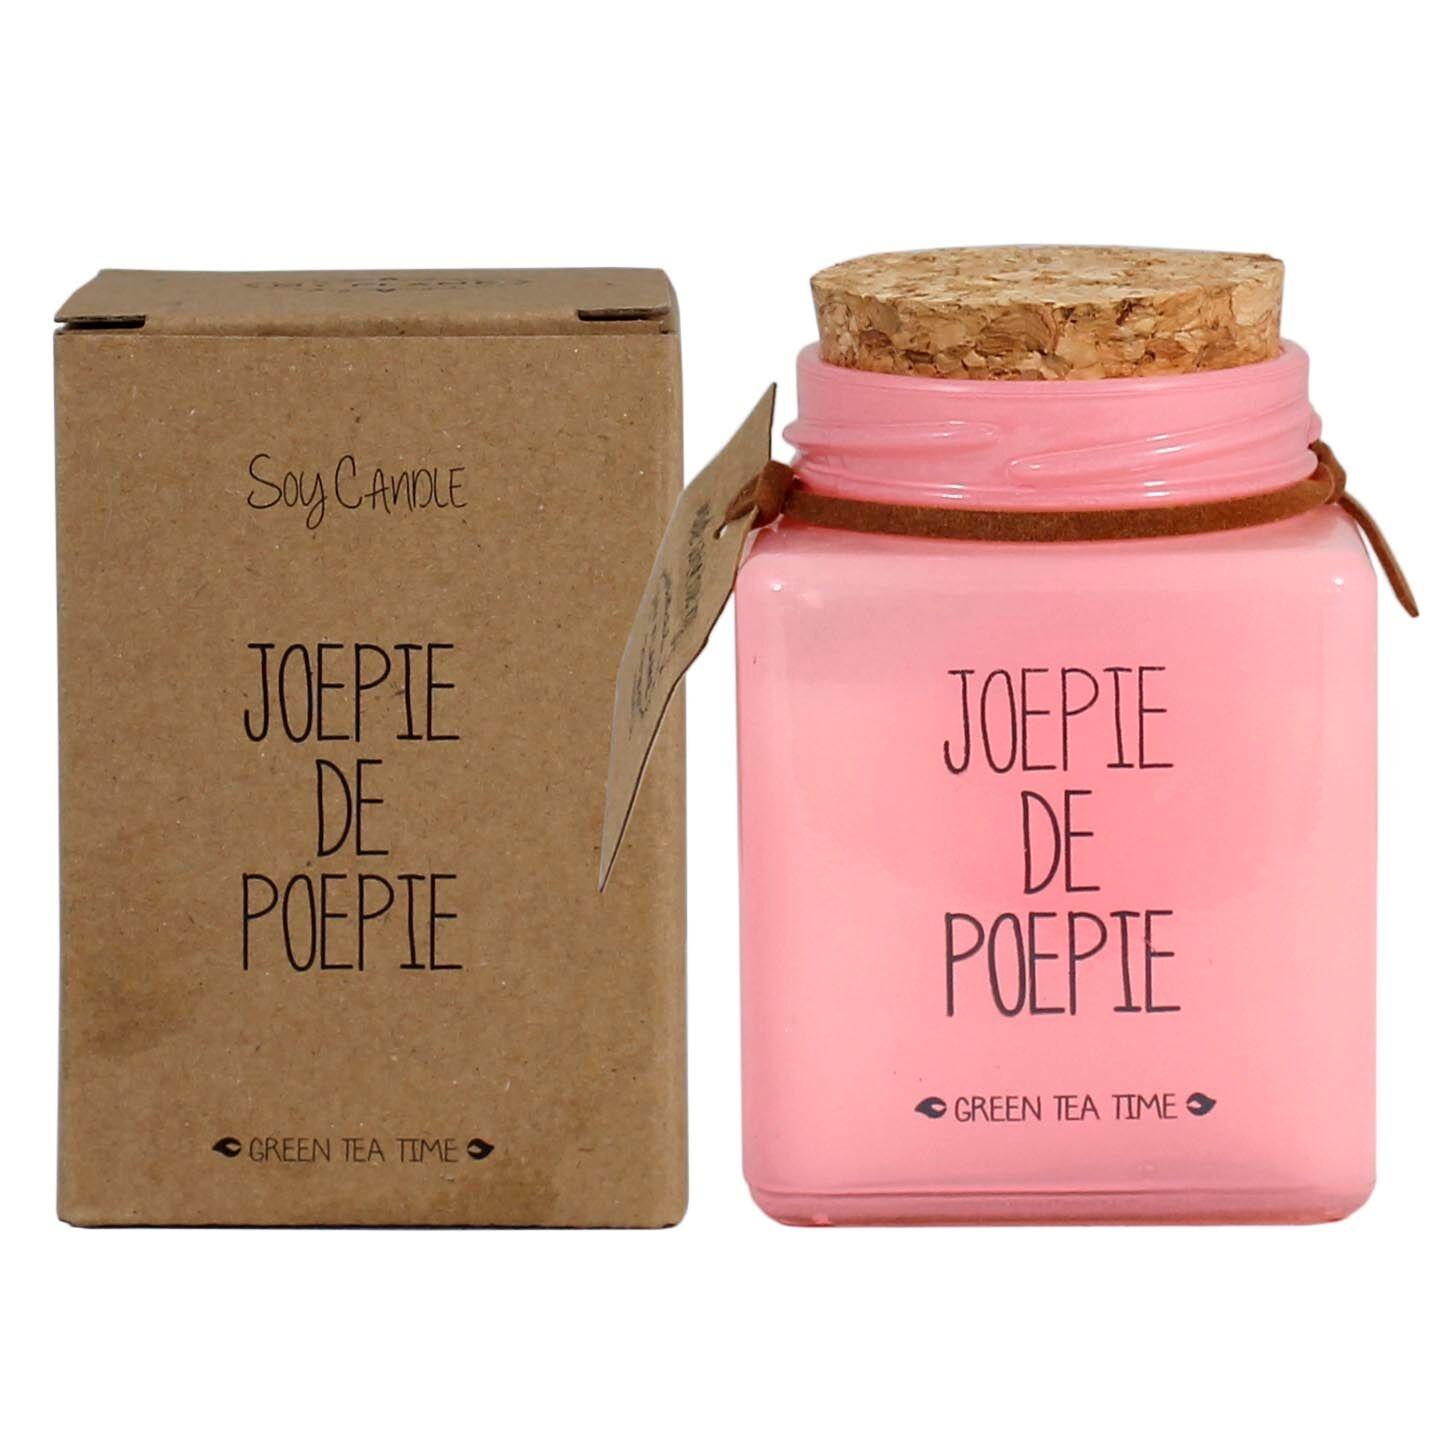 Bio Sojakaars - JOEPIE DE POEPIE - Geur Green Tea Time-2